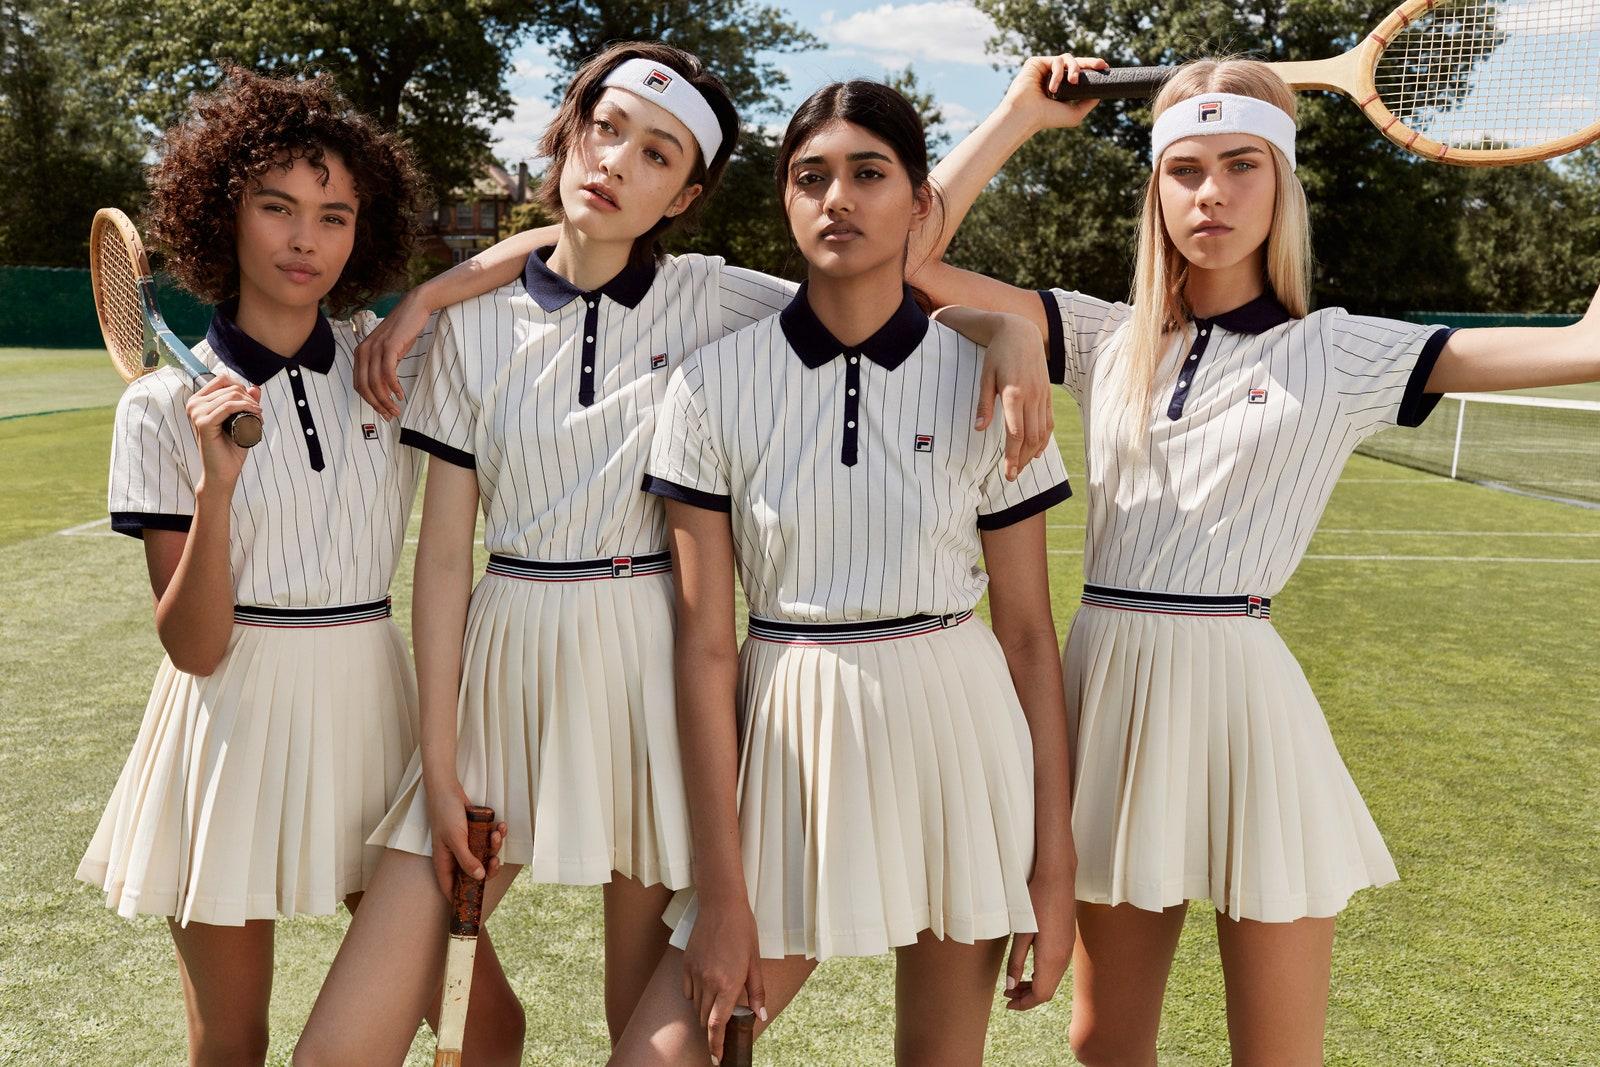 Tendance de l'été, la jupe de tennis s'impose hors des courts